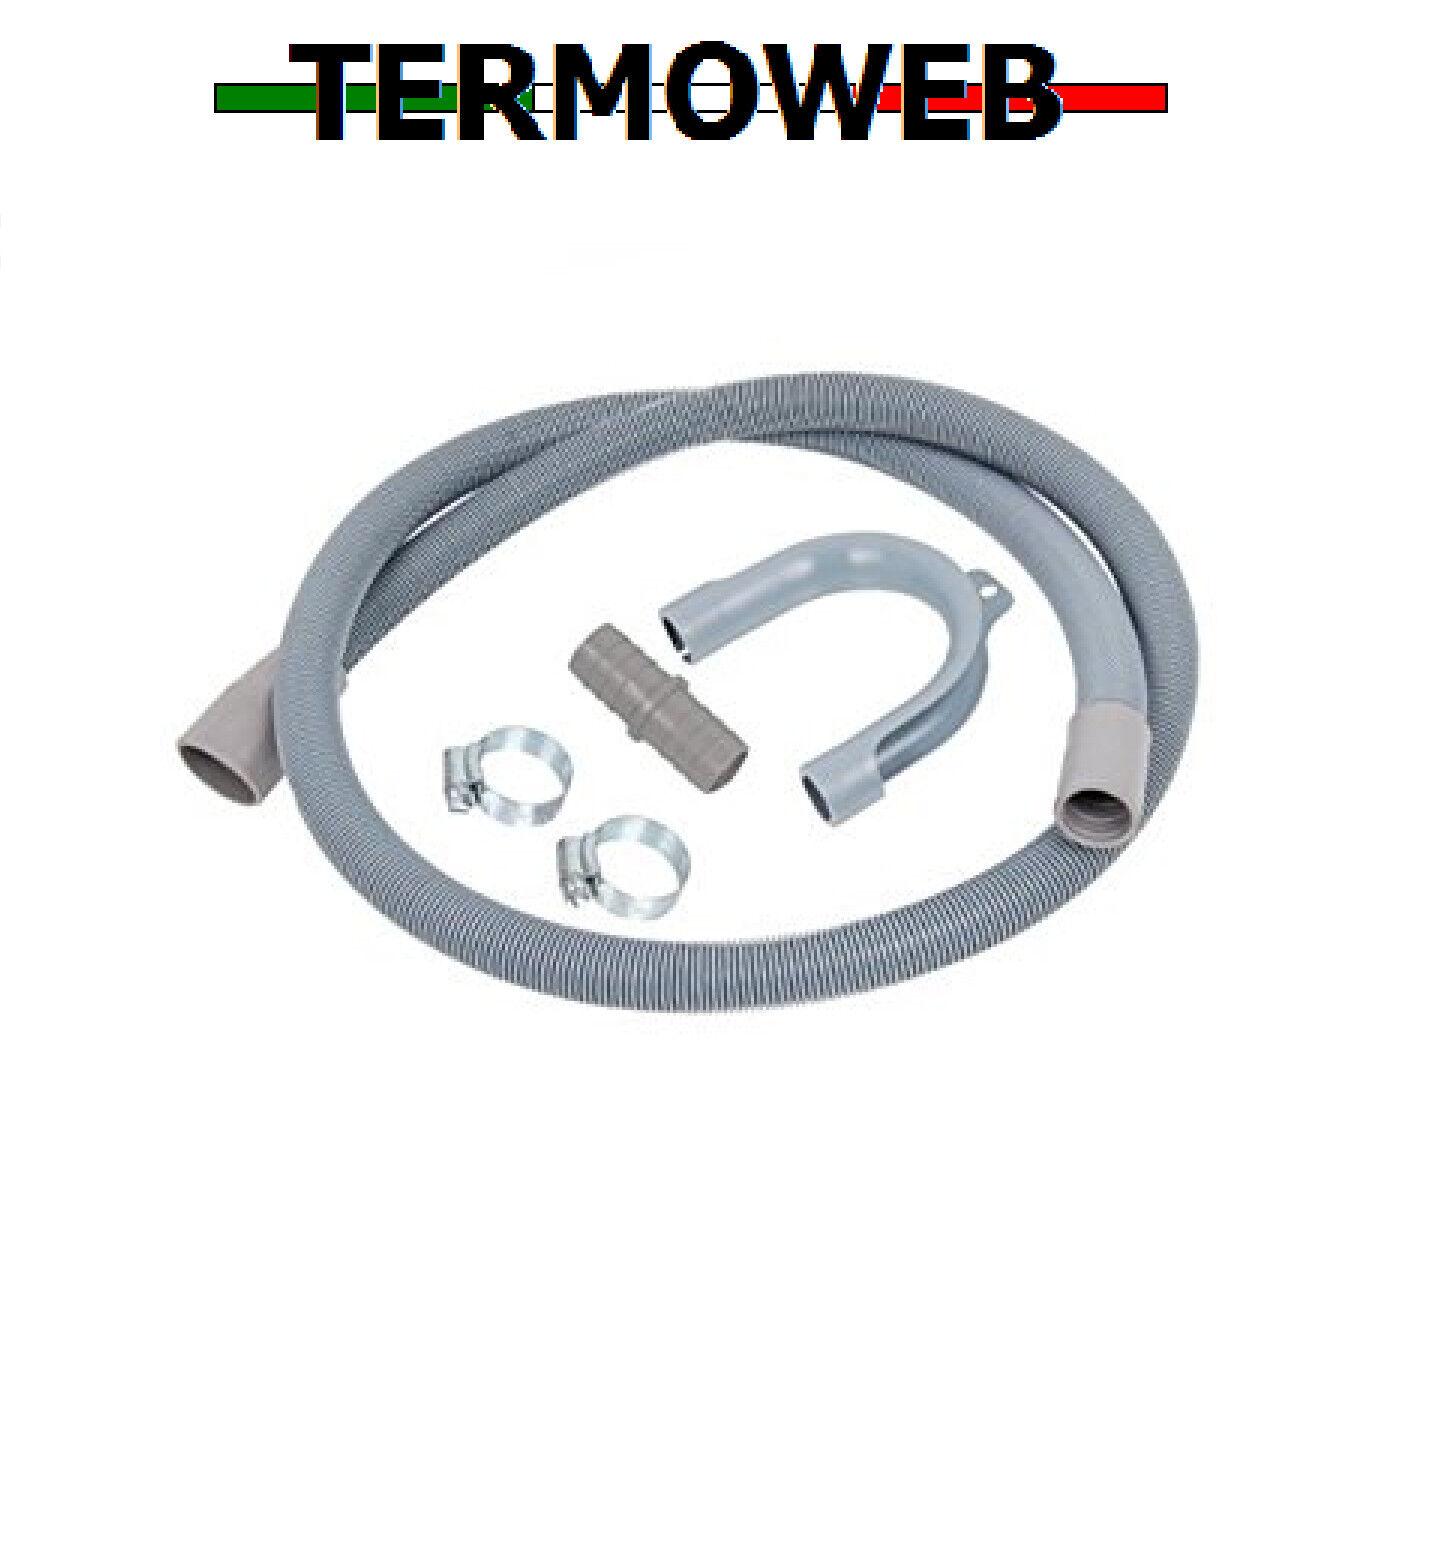 KIT TUBO DI SCARICO FLESSIBILE PER LAVATRICE/LAVASTOVIGLIE CM.150-200-250-300